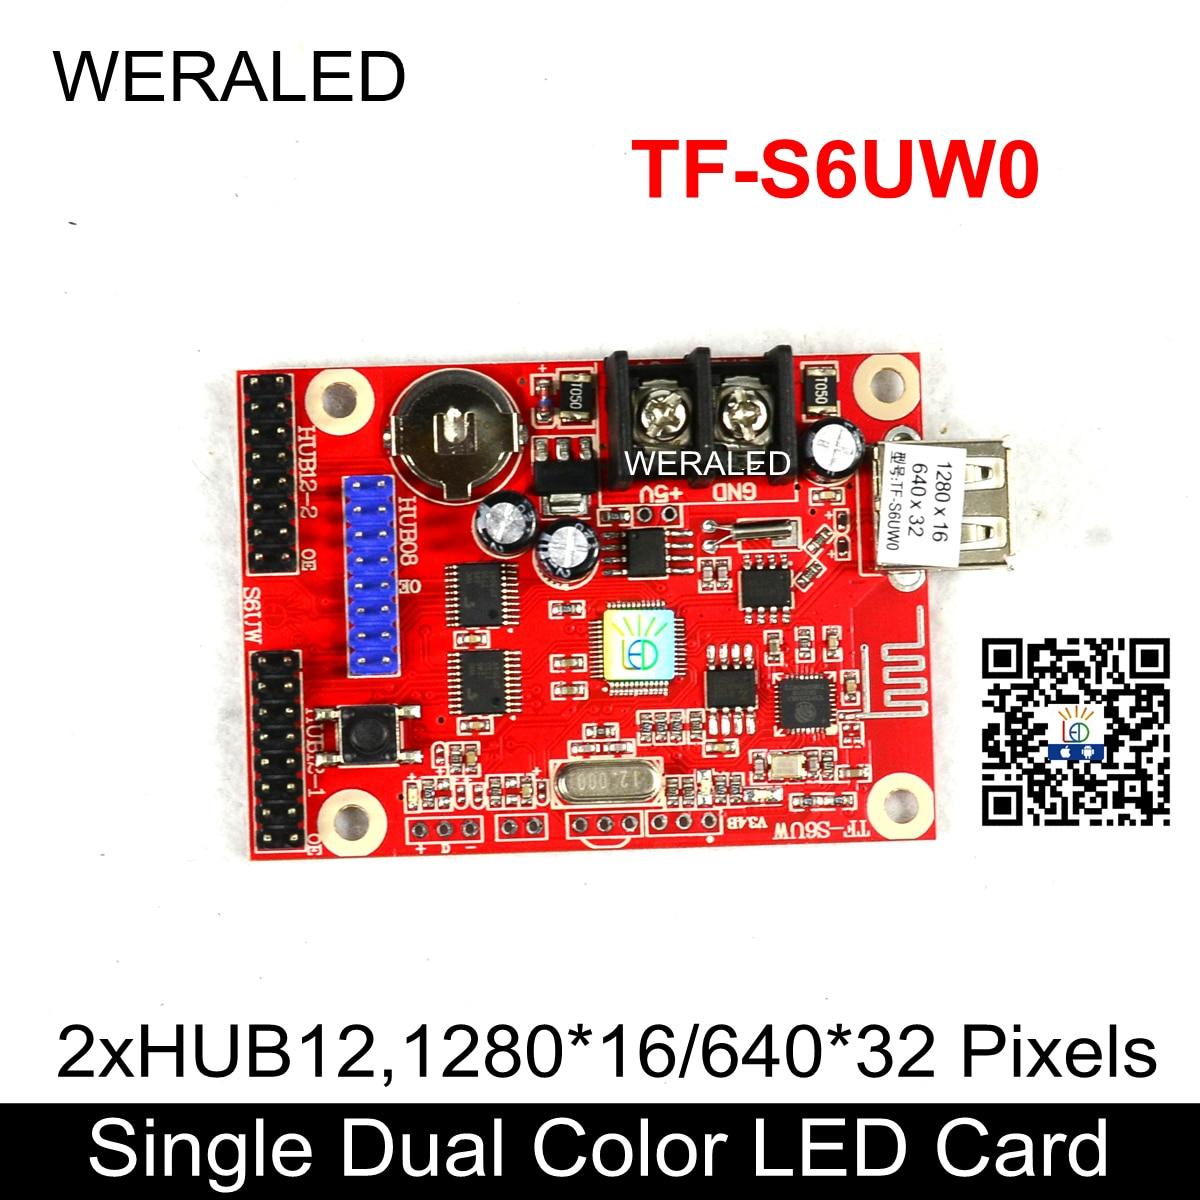 Panel de módulo LED P10 de TF-S6UW0, tarjeta de Control de señalización de mensajes LED, pequeño controlador inalámbrico WIFI